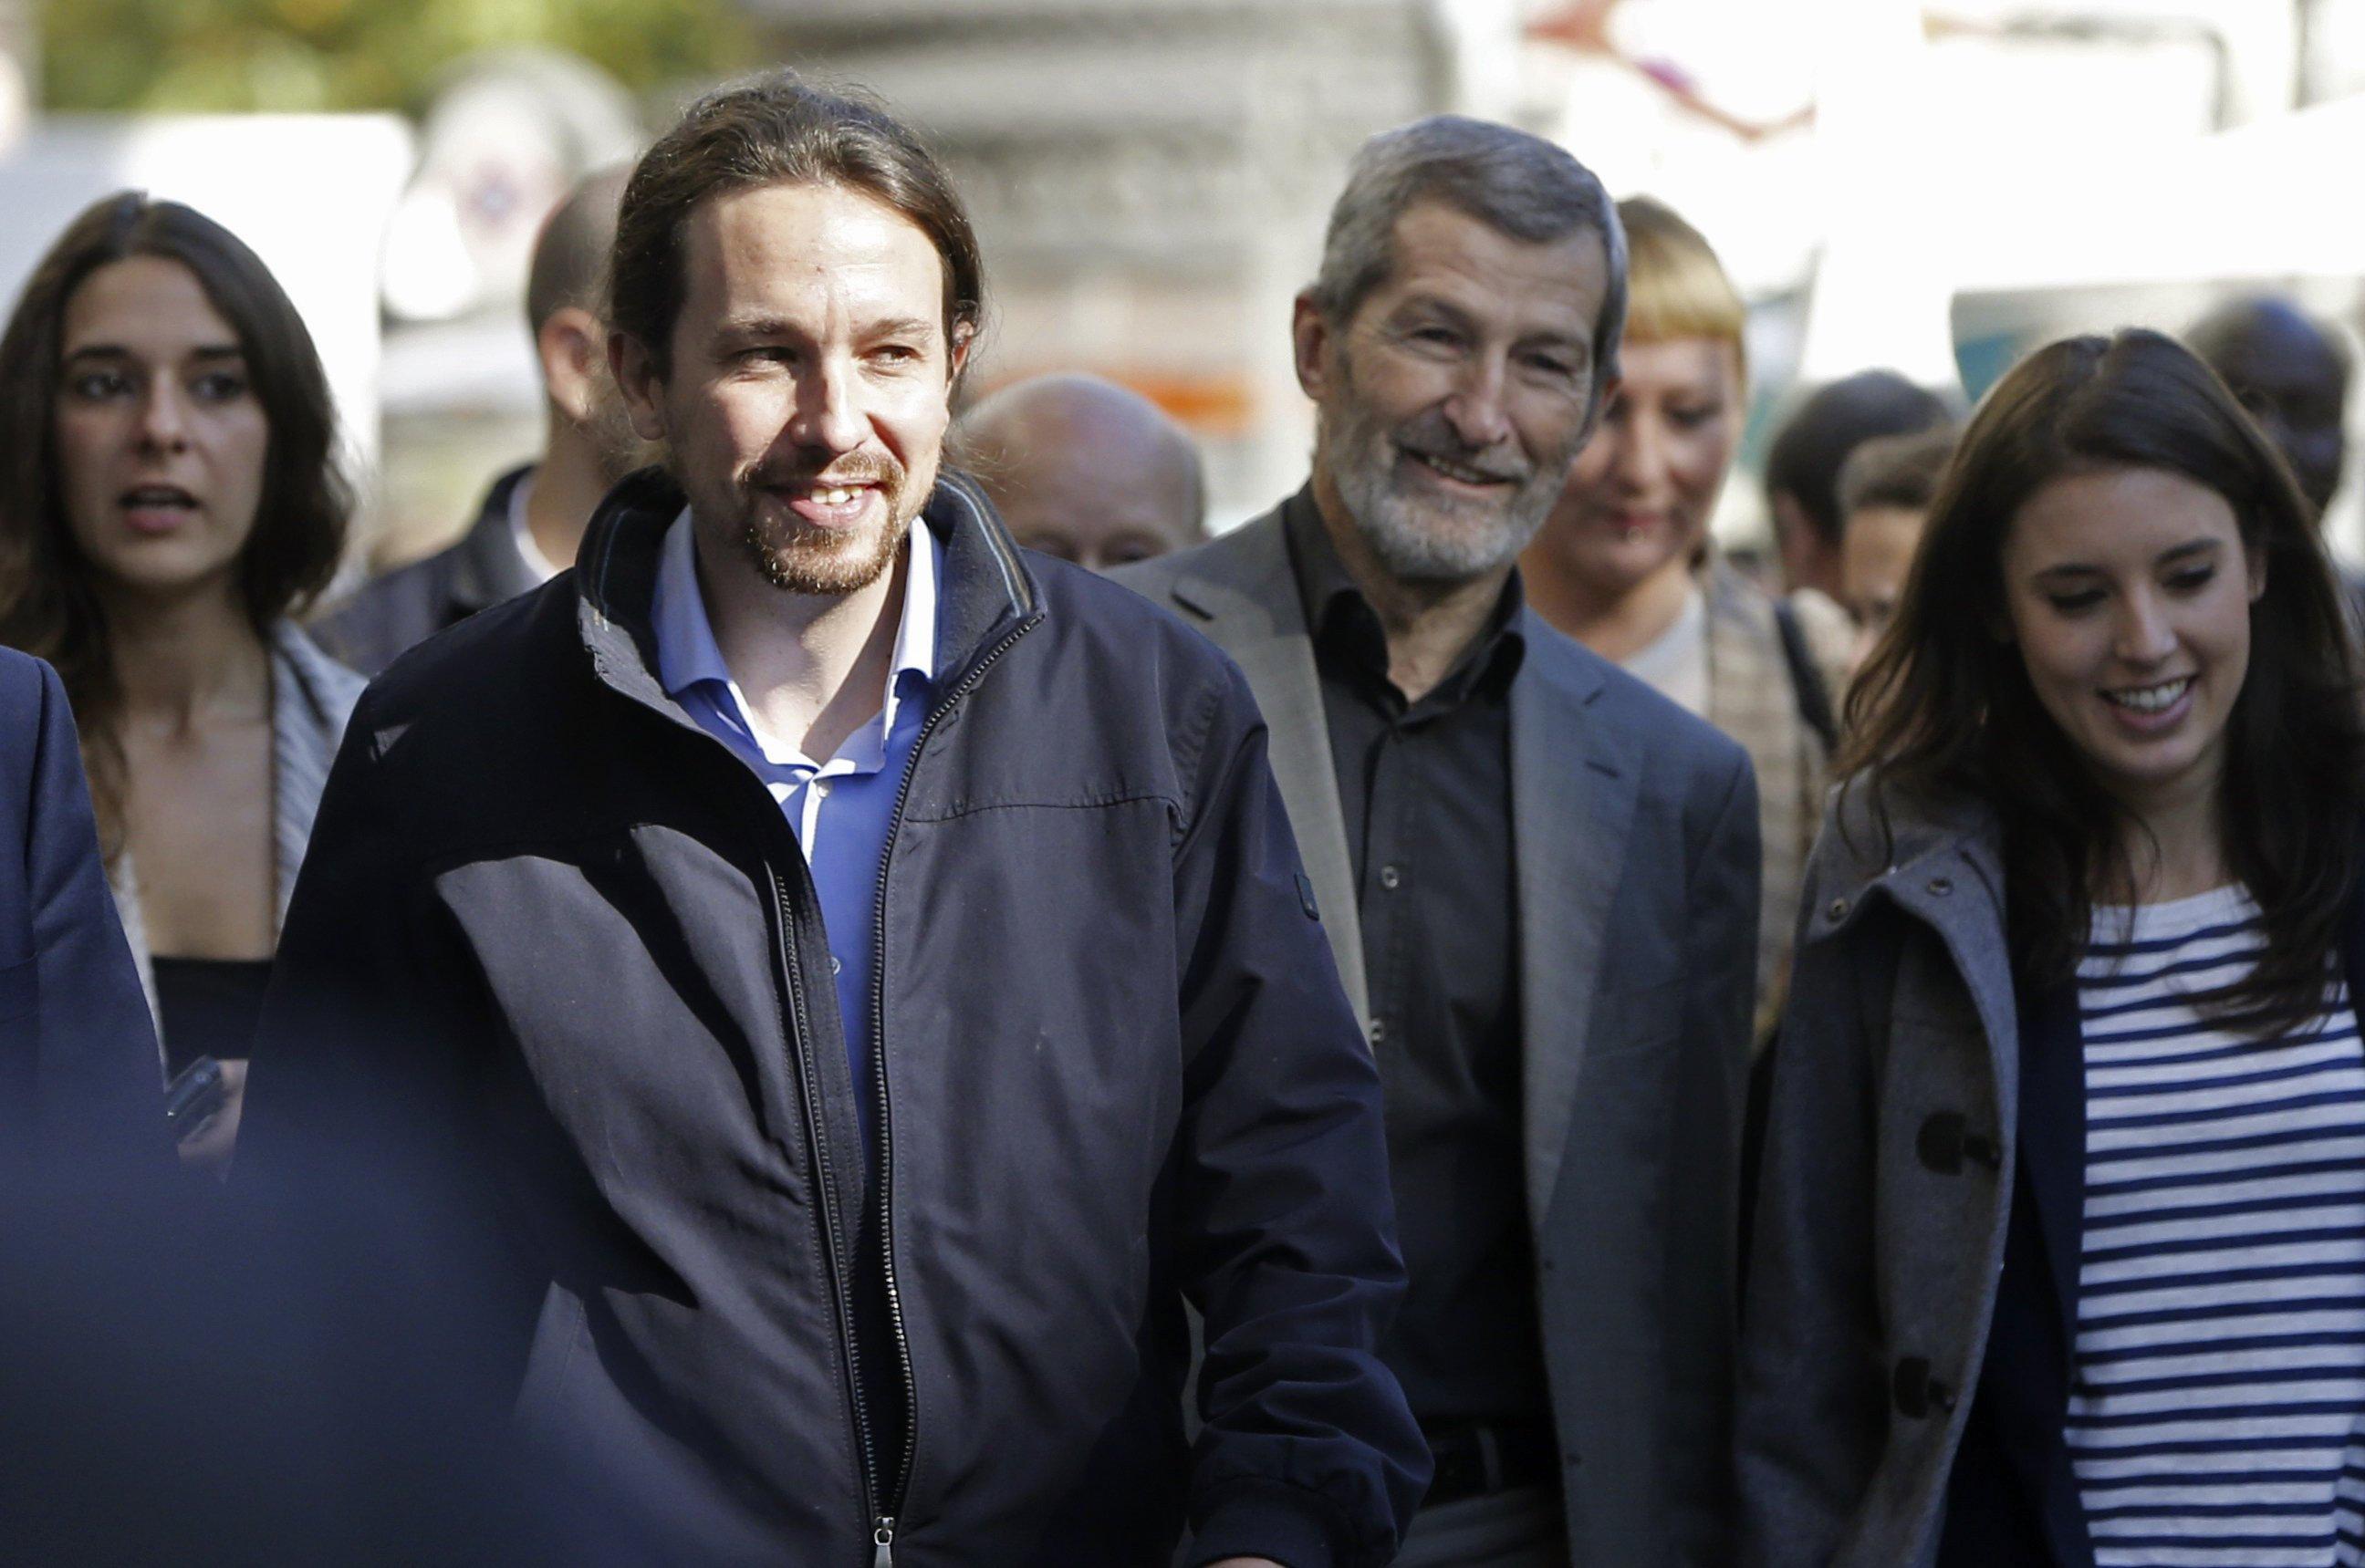 Pablo Iglesias vuelve a romper la unidad entre los partidos asegurando que no se identifica con «los valores del pacto antiyihadista»